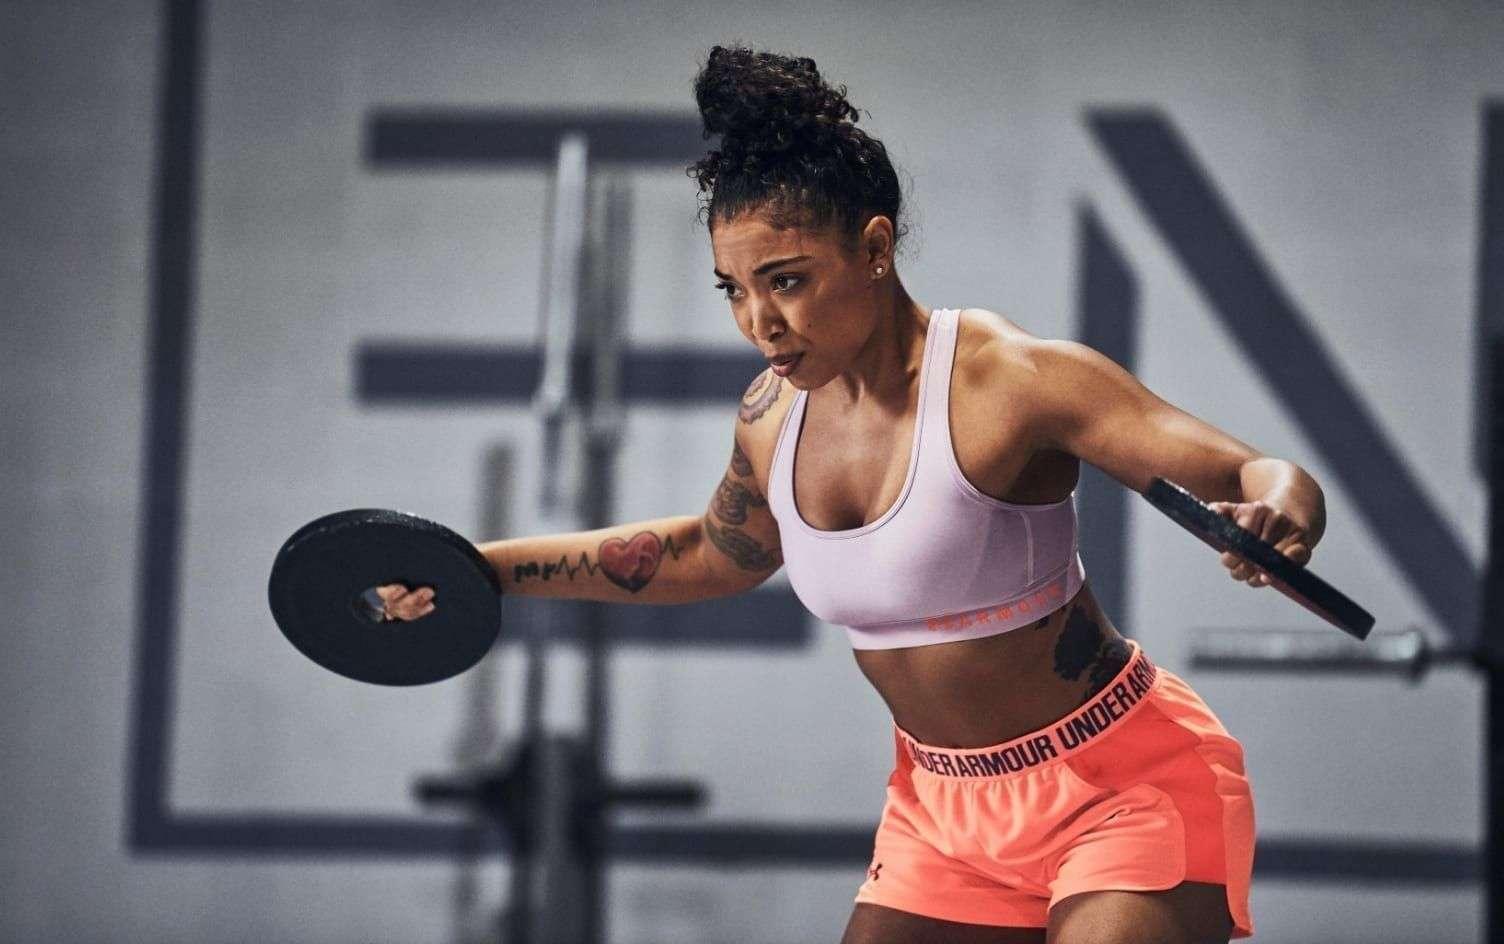 बैडमिंटन और टेनिस खेलने वाले स्विमर्स और जॉगर्स की तुलना में ज़्यादा जीते हैं